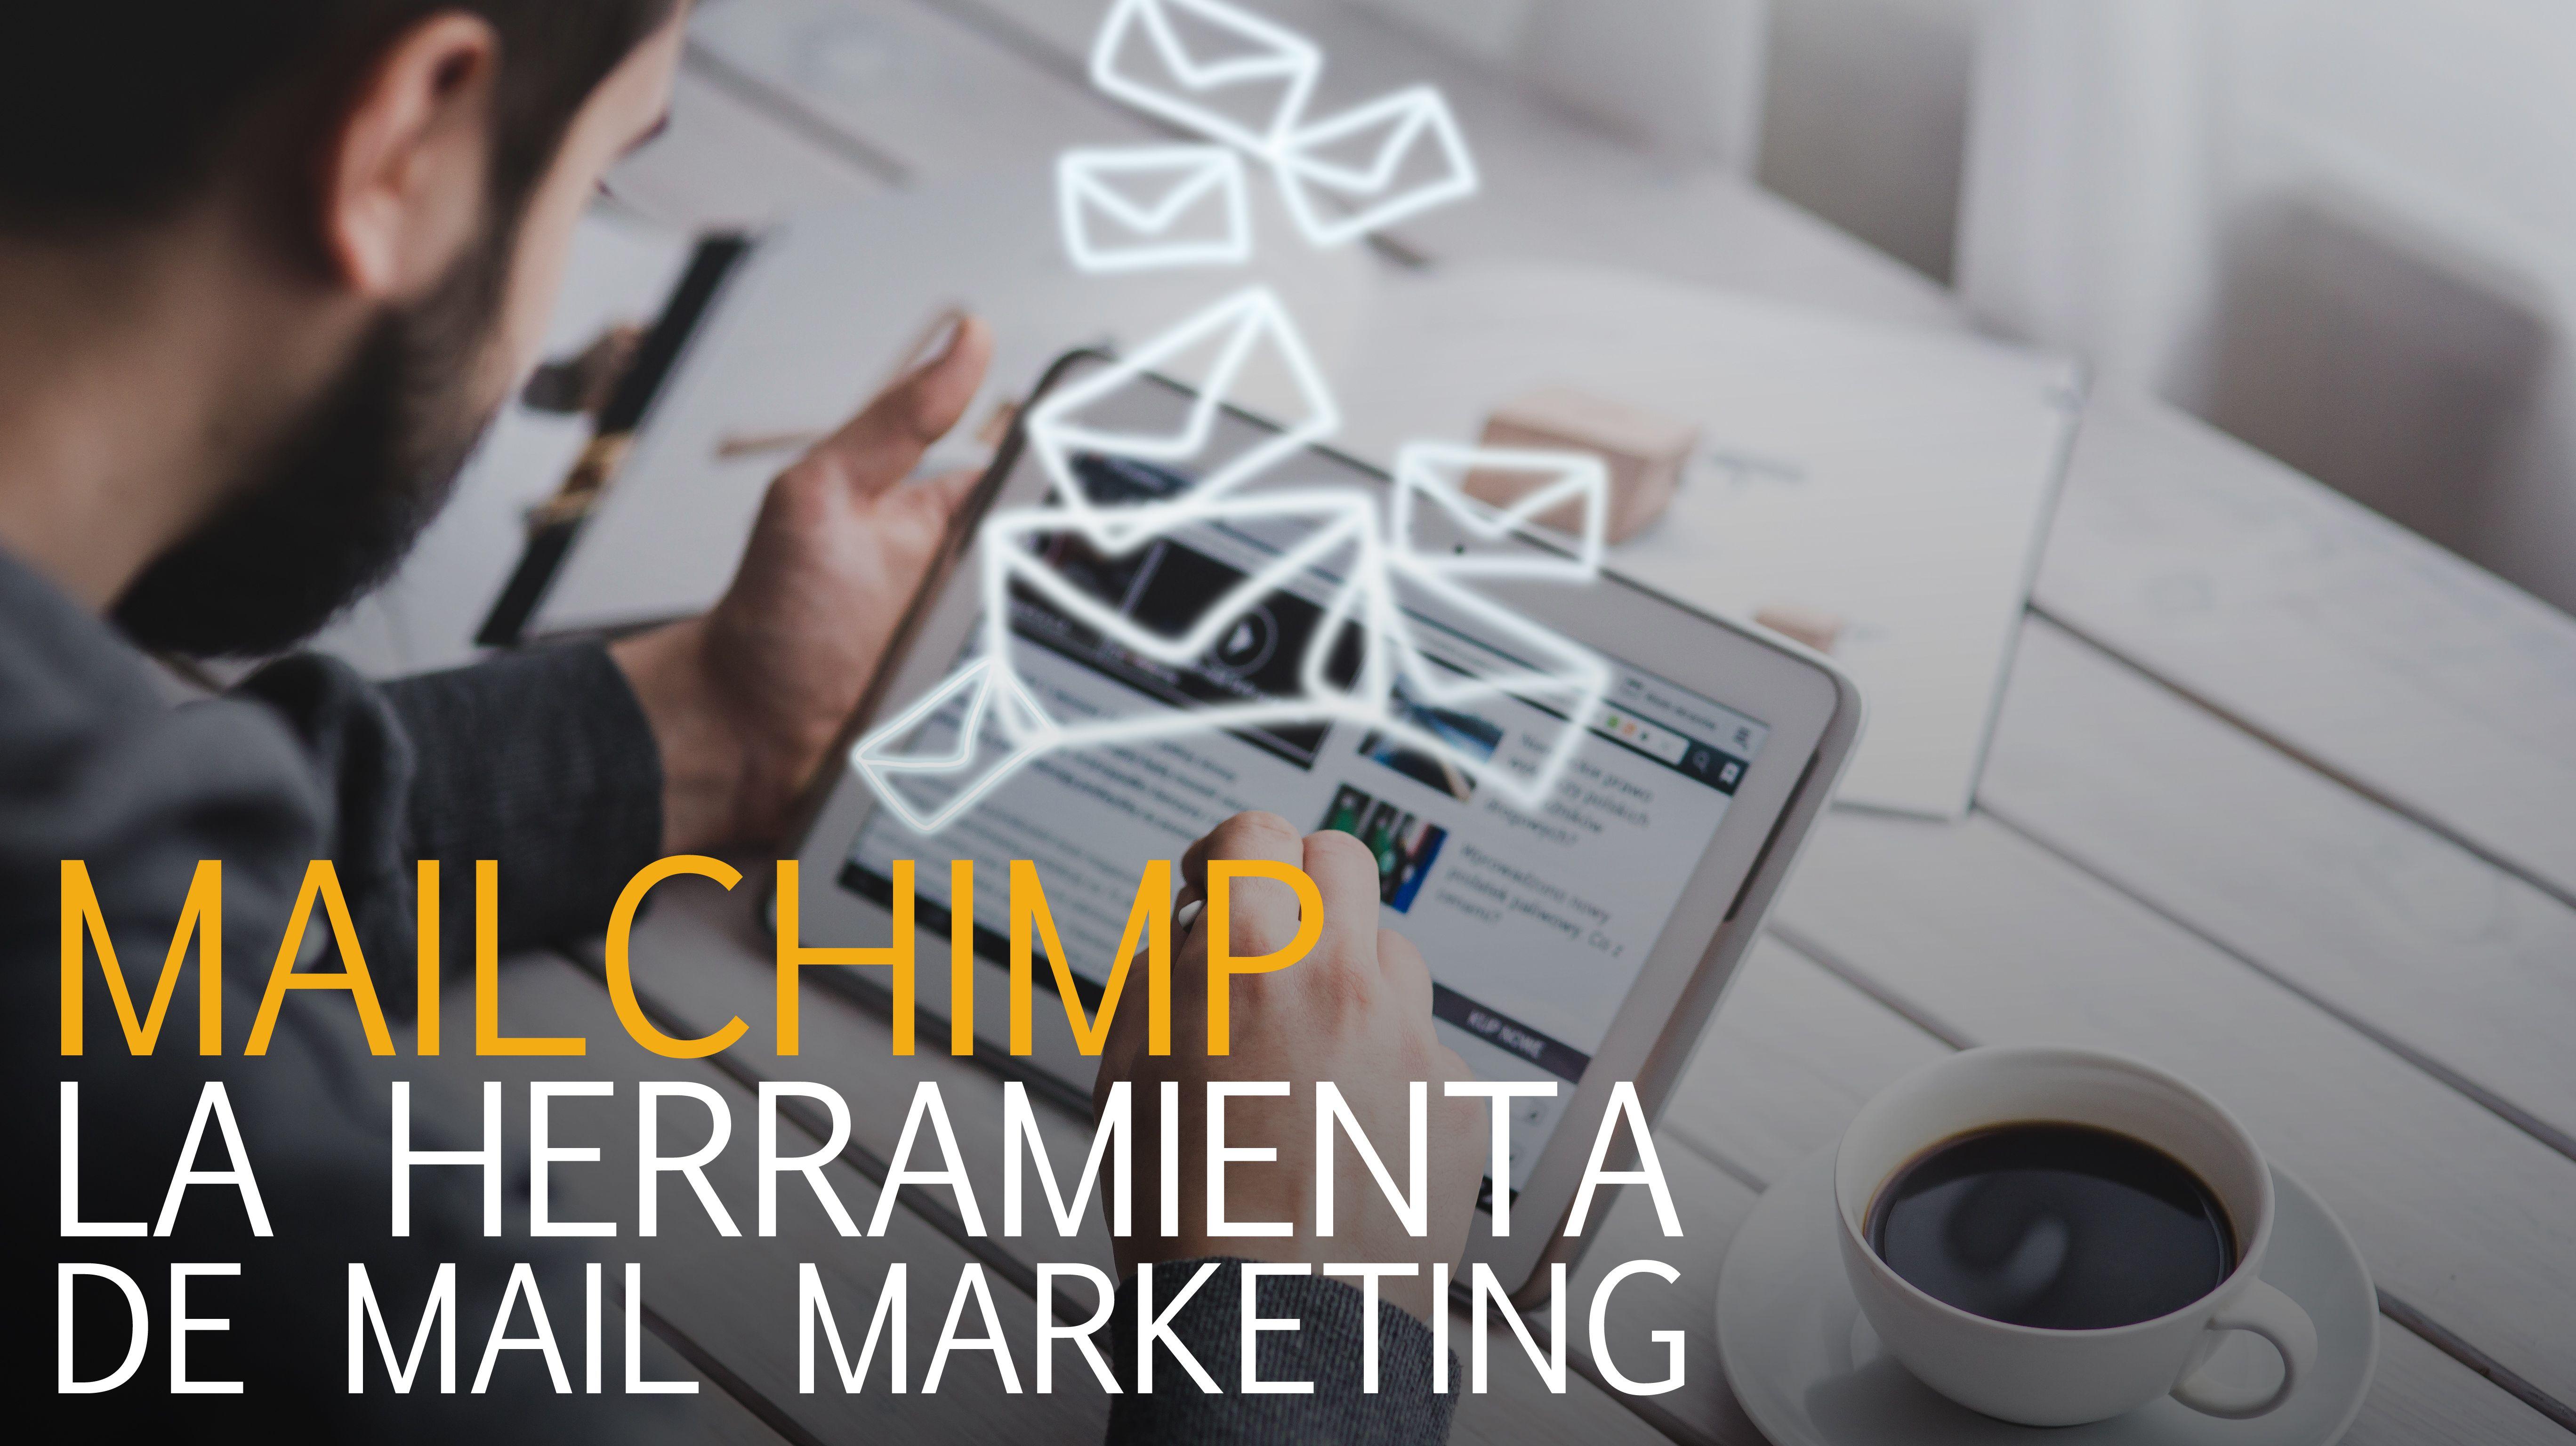 herramienta de email marketing mailchimp